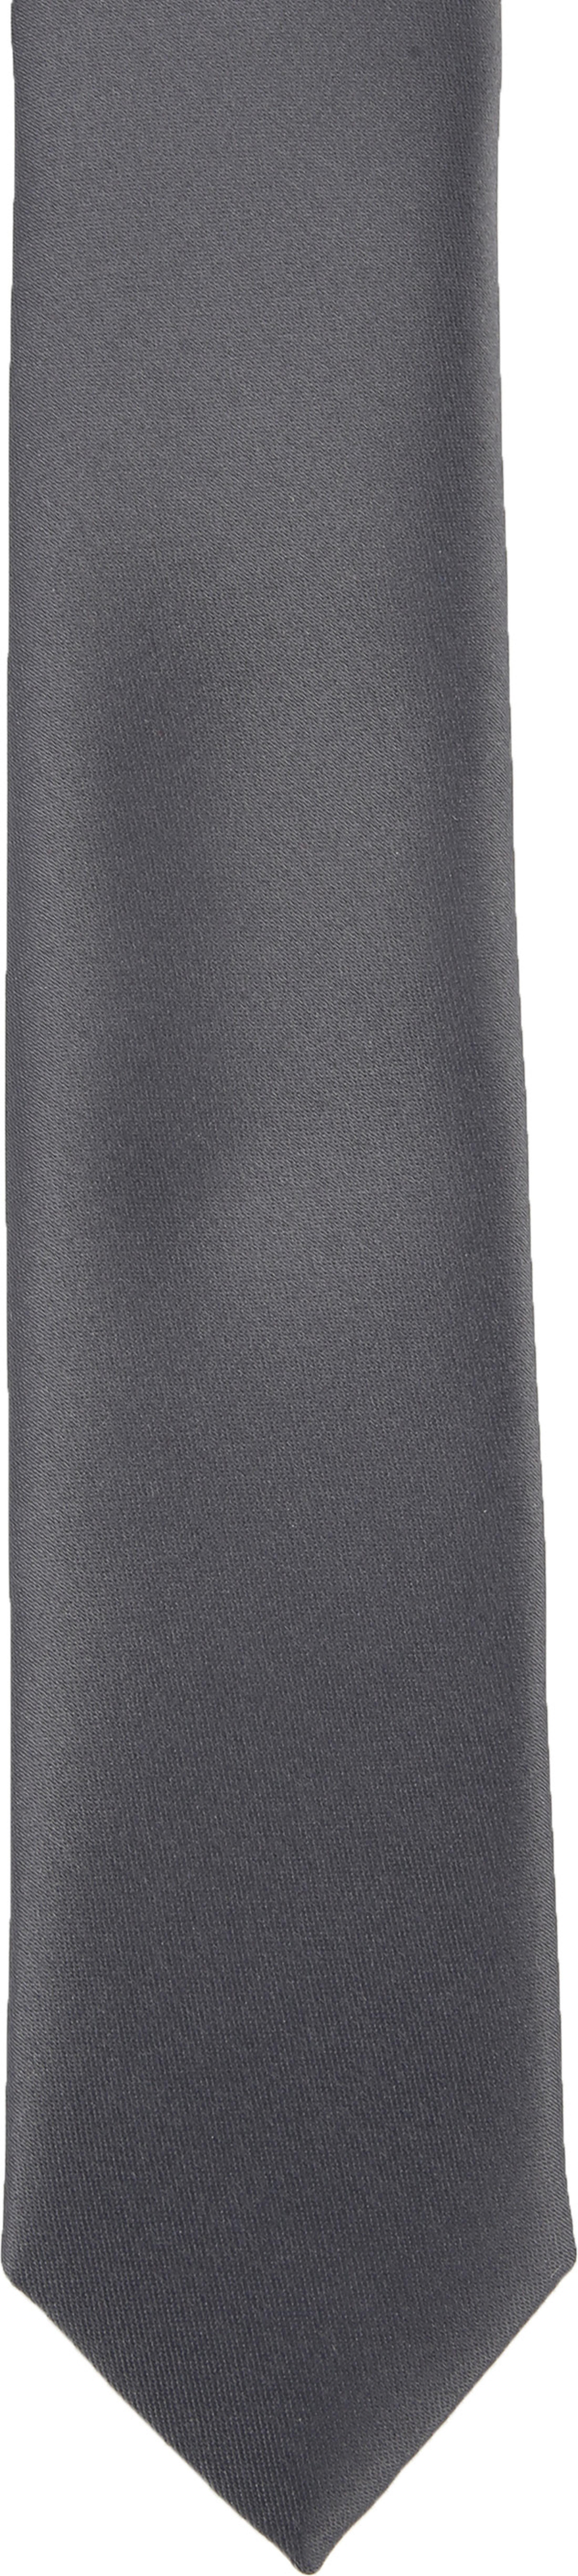 Suitable Tie Dark Grey 906 foto 1